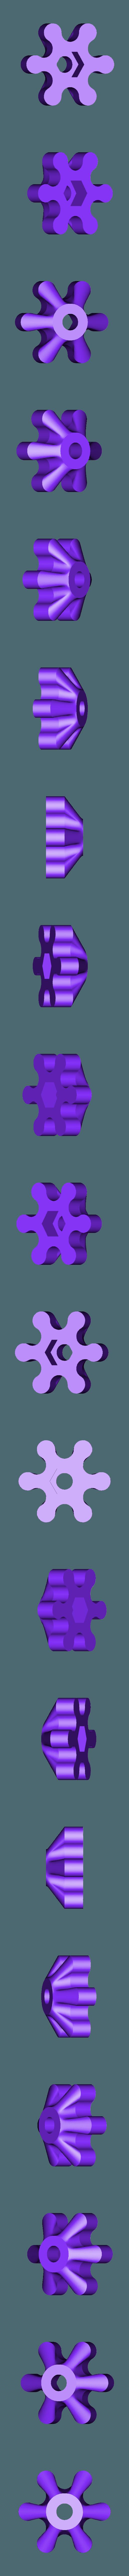 Minimal_x_axis_knob.stl Download free STL file Minimal X axis for Prusa I3 Steel - 8mm leadscrew • 3D print model, LionFox